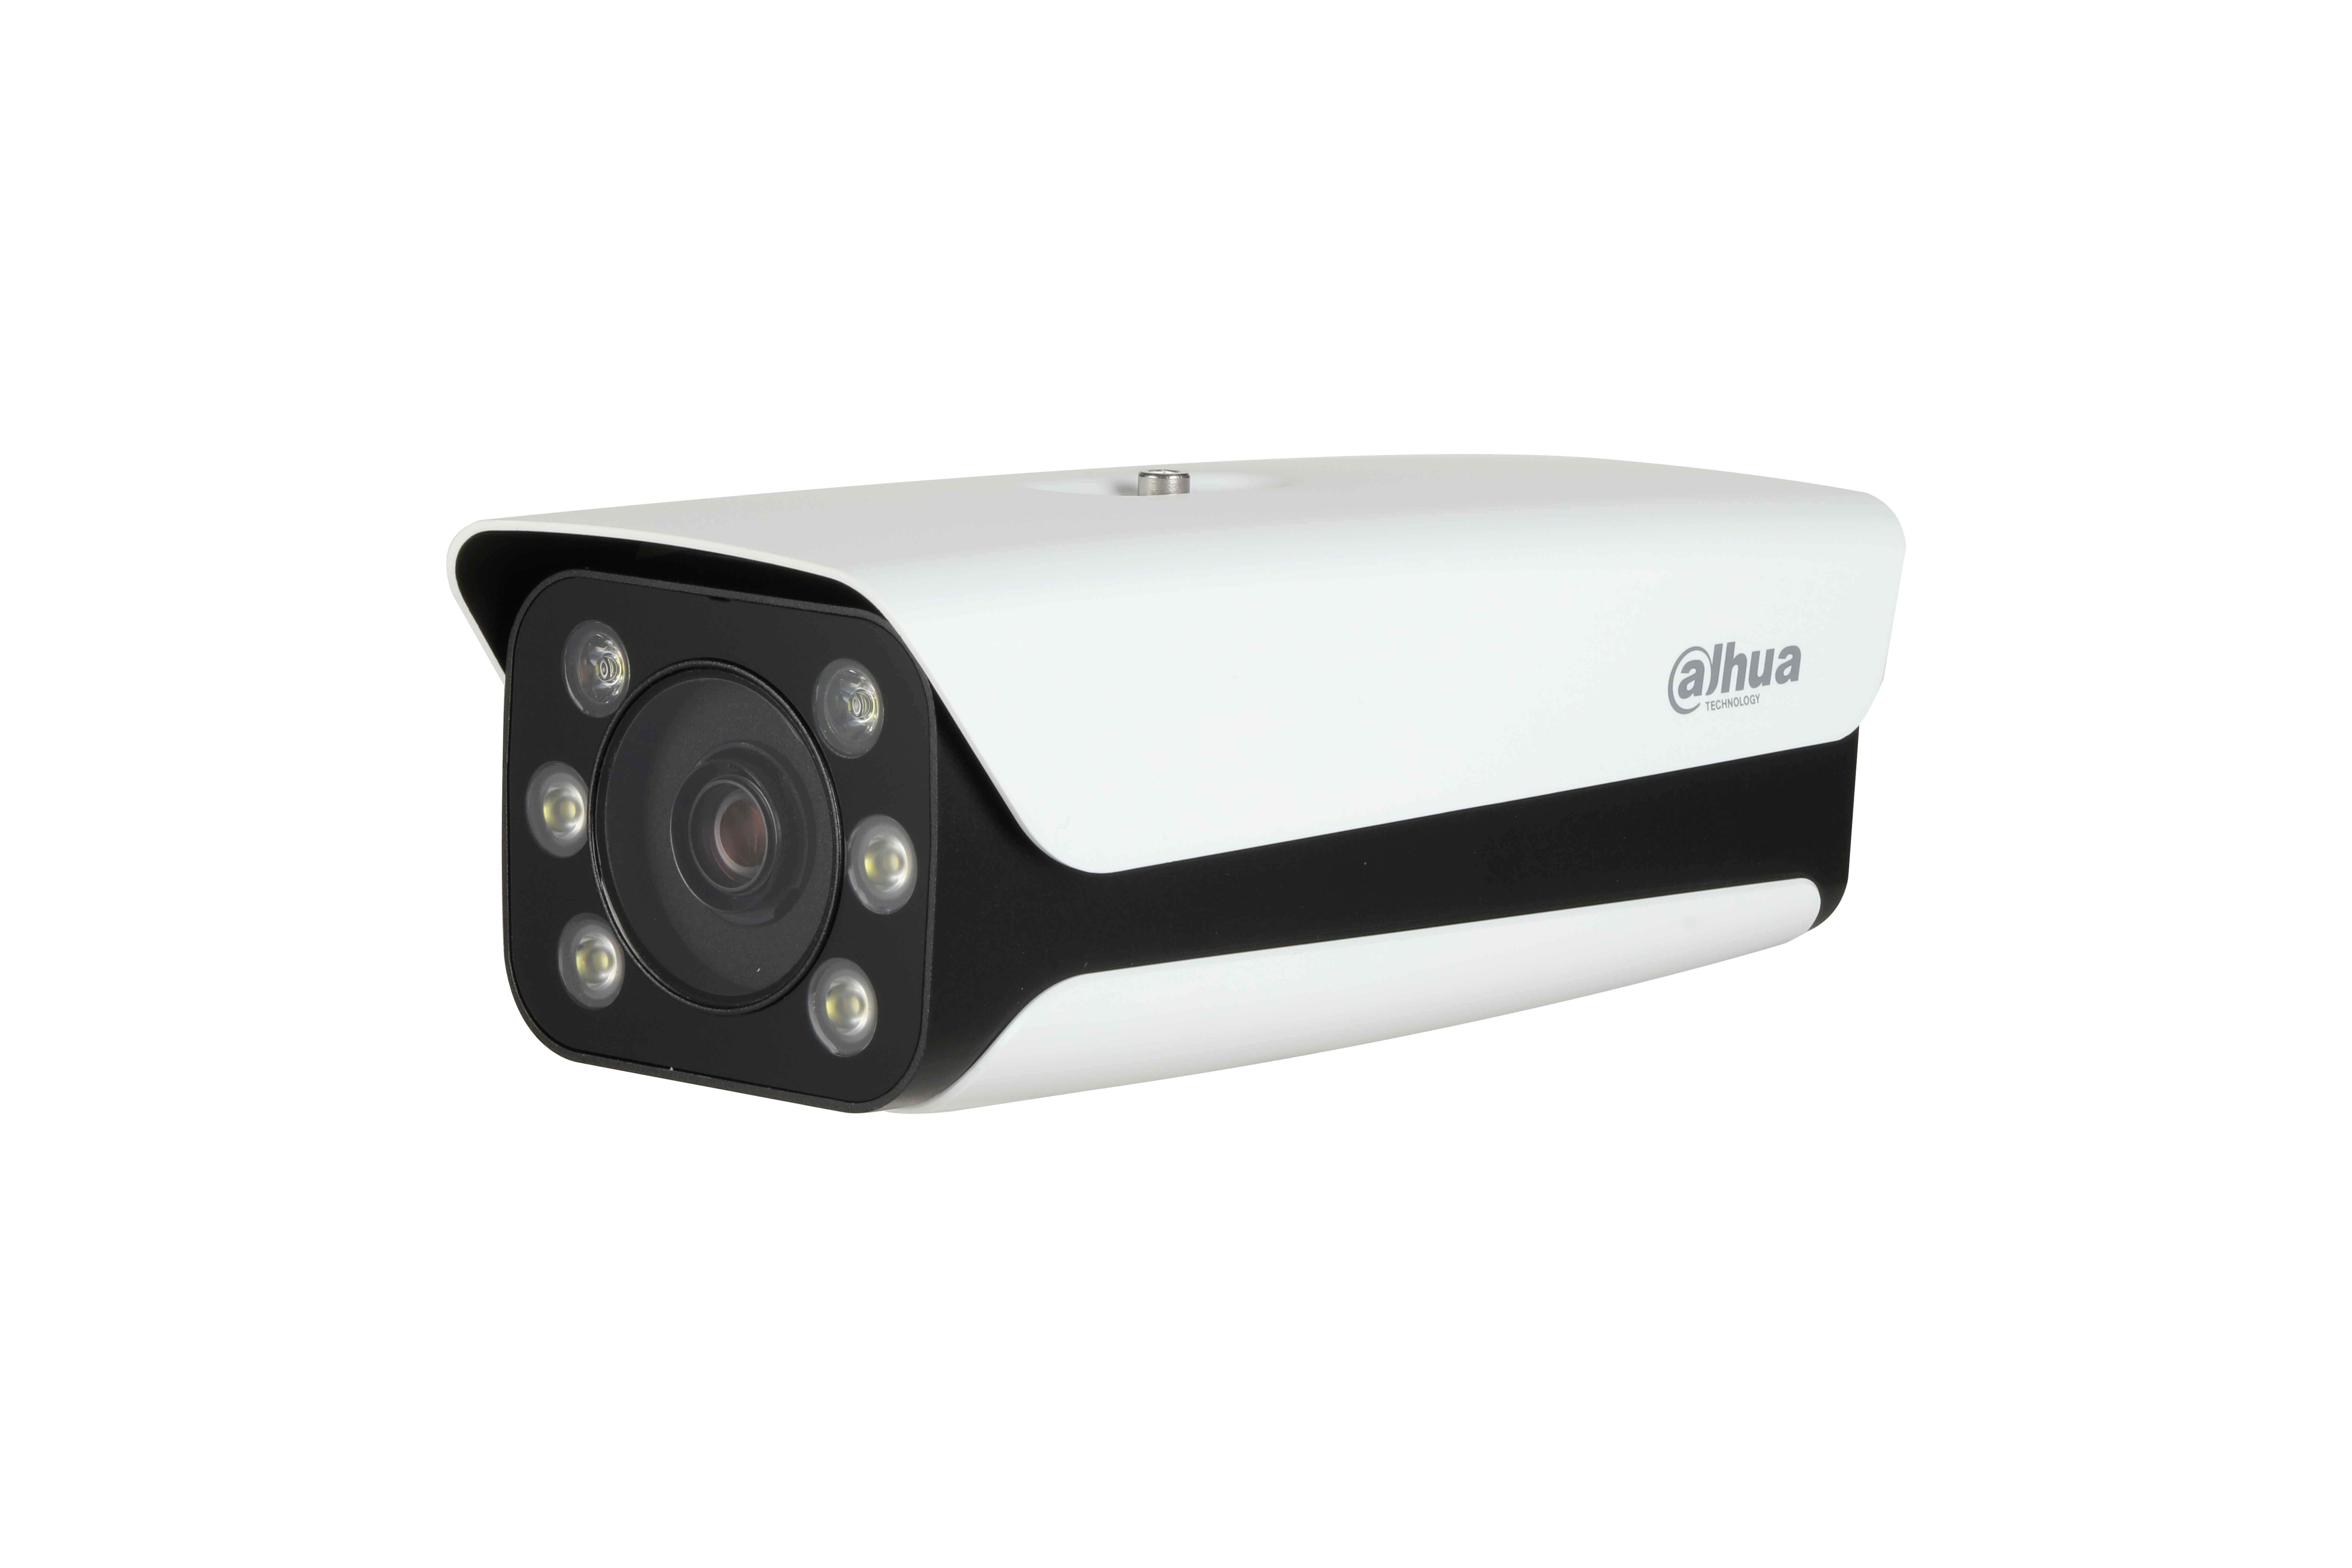 高清(200万像素)白光枪型人脸网络摄像机